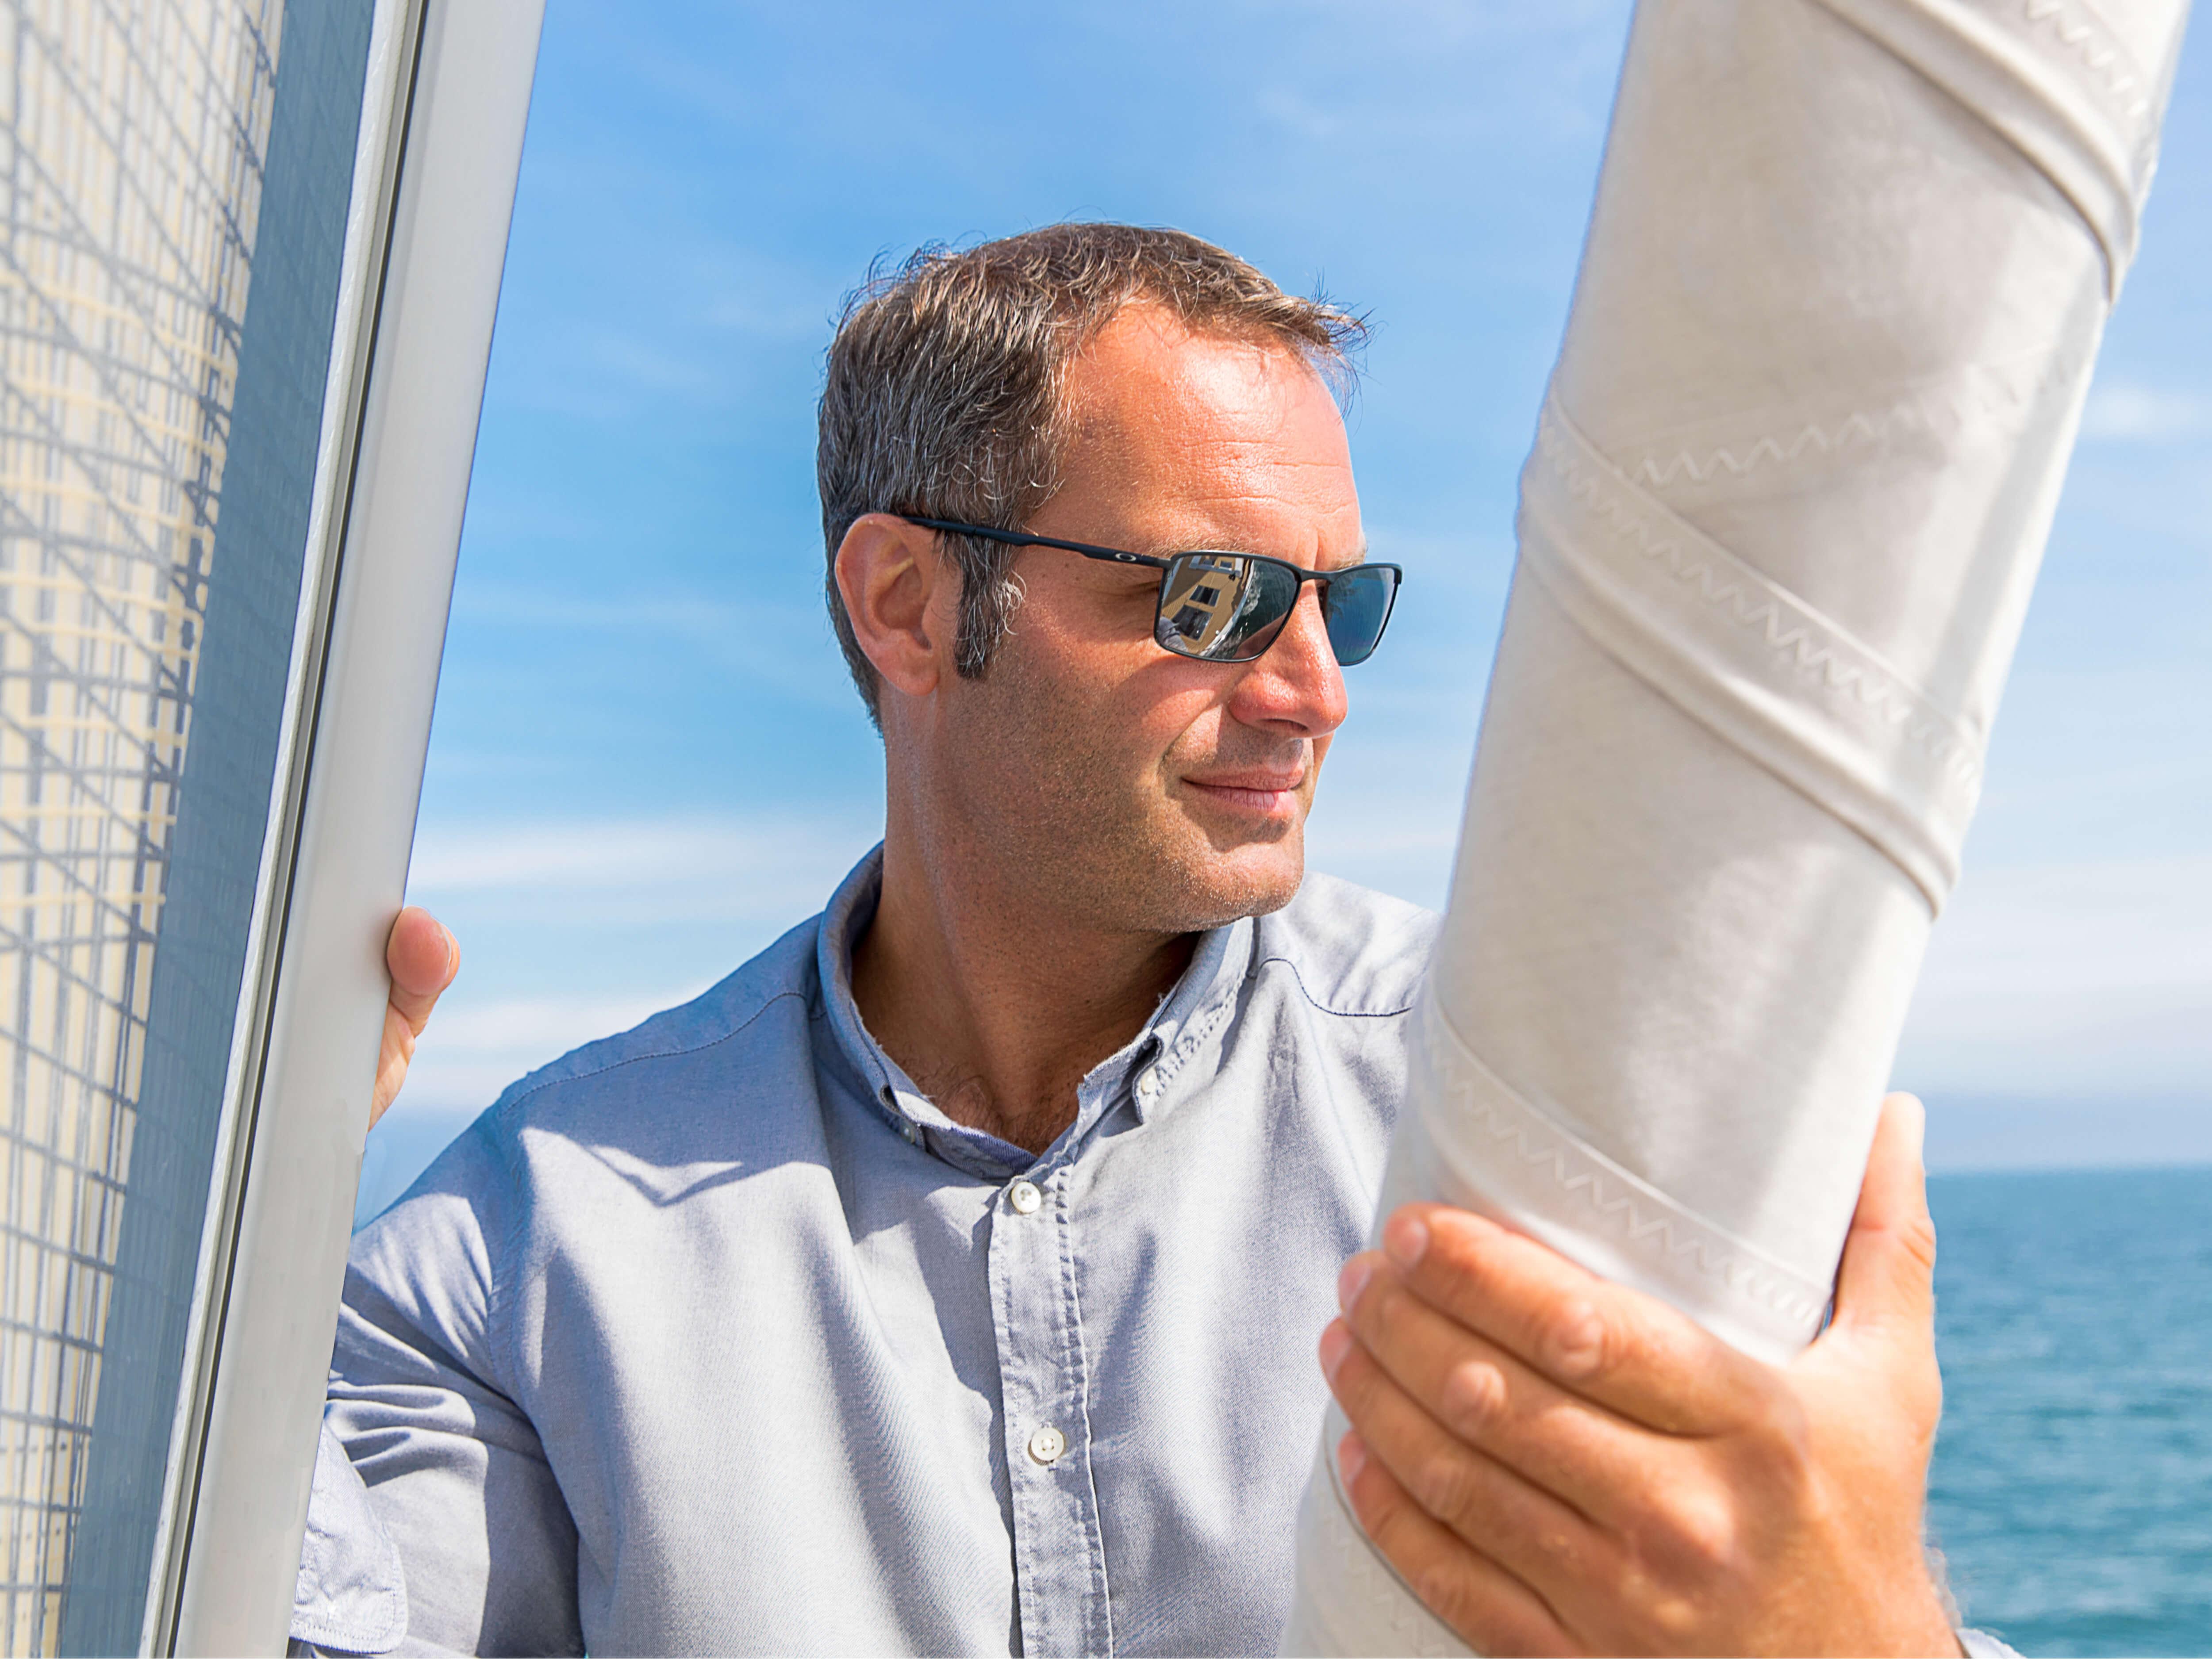 Hanse 548 | HANSE yatları modern, fonksiyonel tasarımlarıyla büyülüyor. Benzersiz, yalın zerafetleri dünyanın en iyi ve deneyimli yat tasarımcıları judel/vrolijk & co.'nin elinden çıkan performansla bir araya geliyor. | Hanse